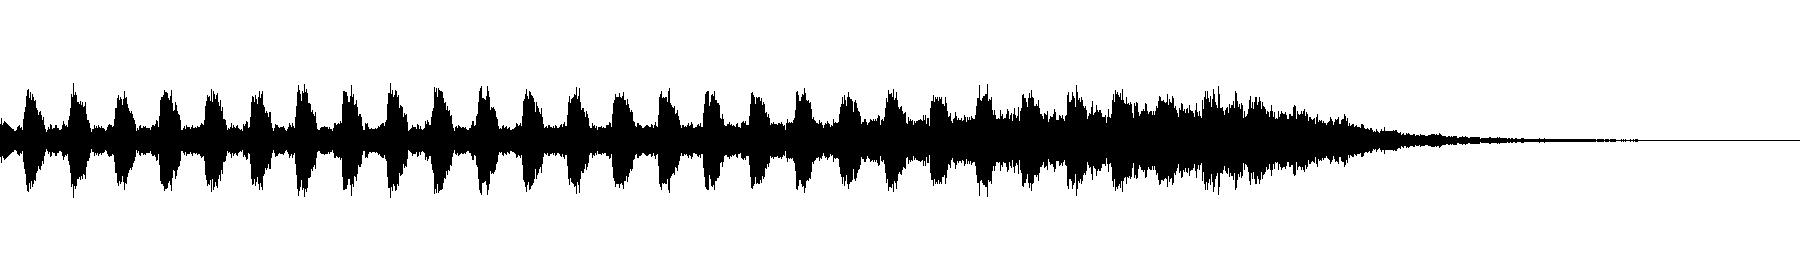 vuf1 128bpm ou ou ou 2 8bars a